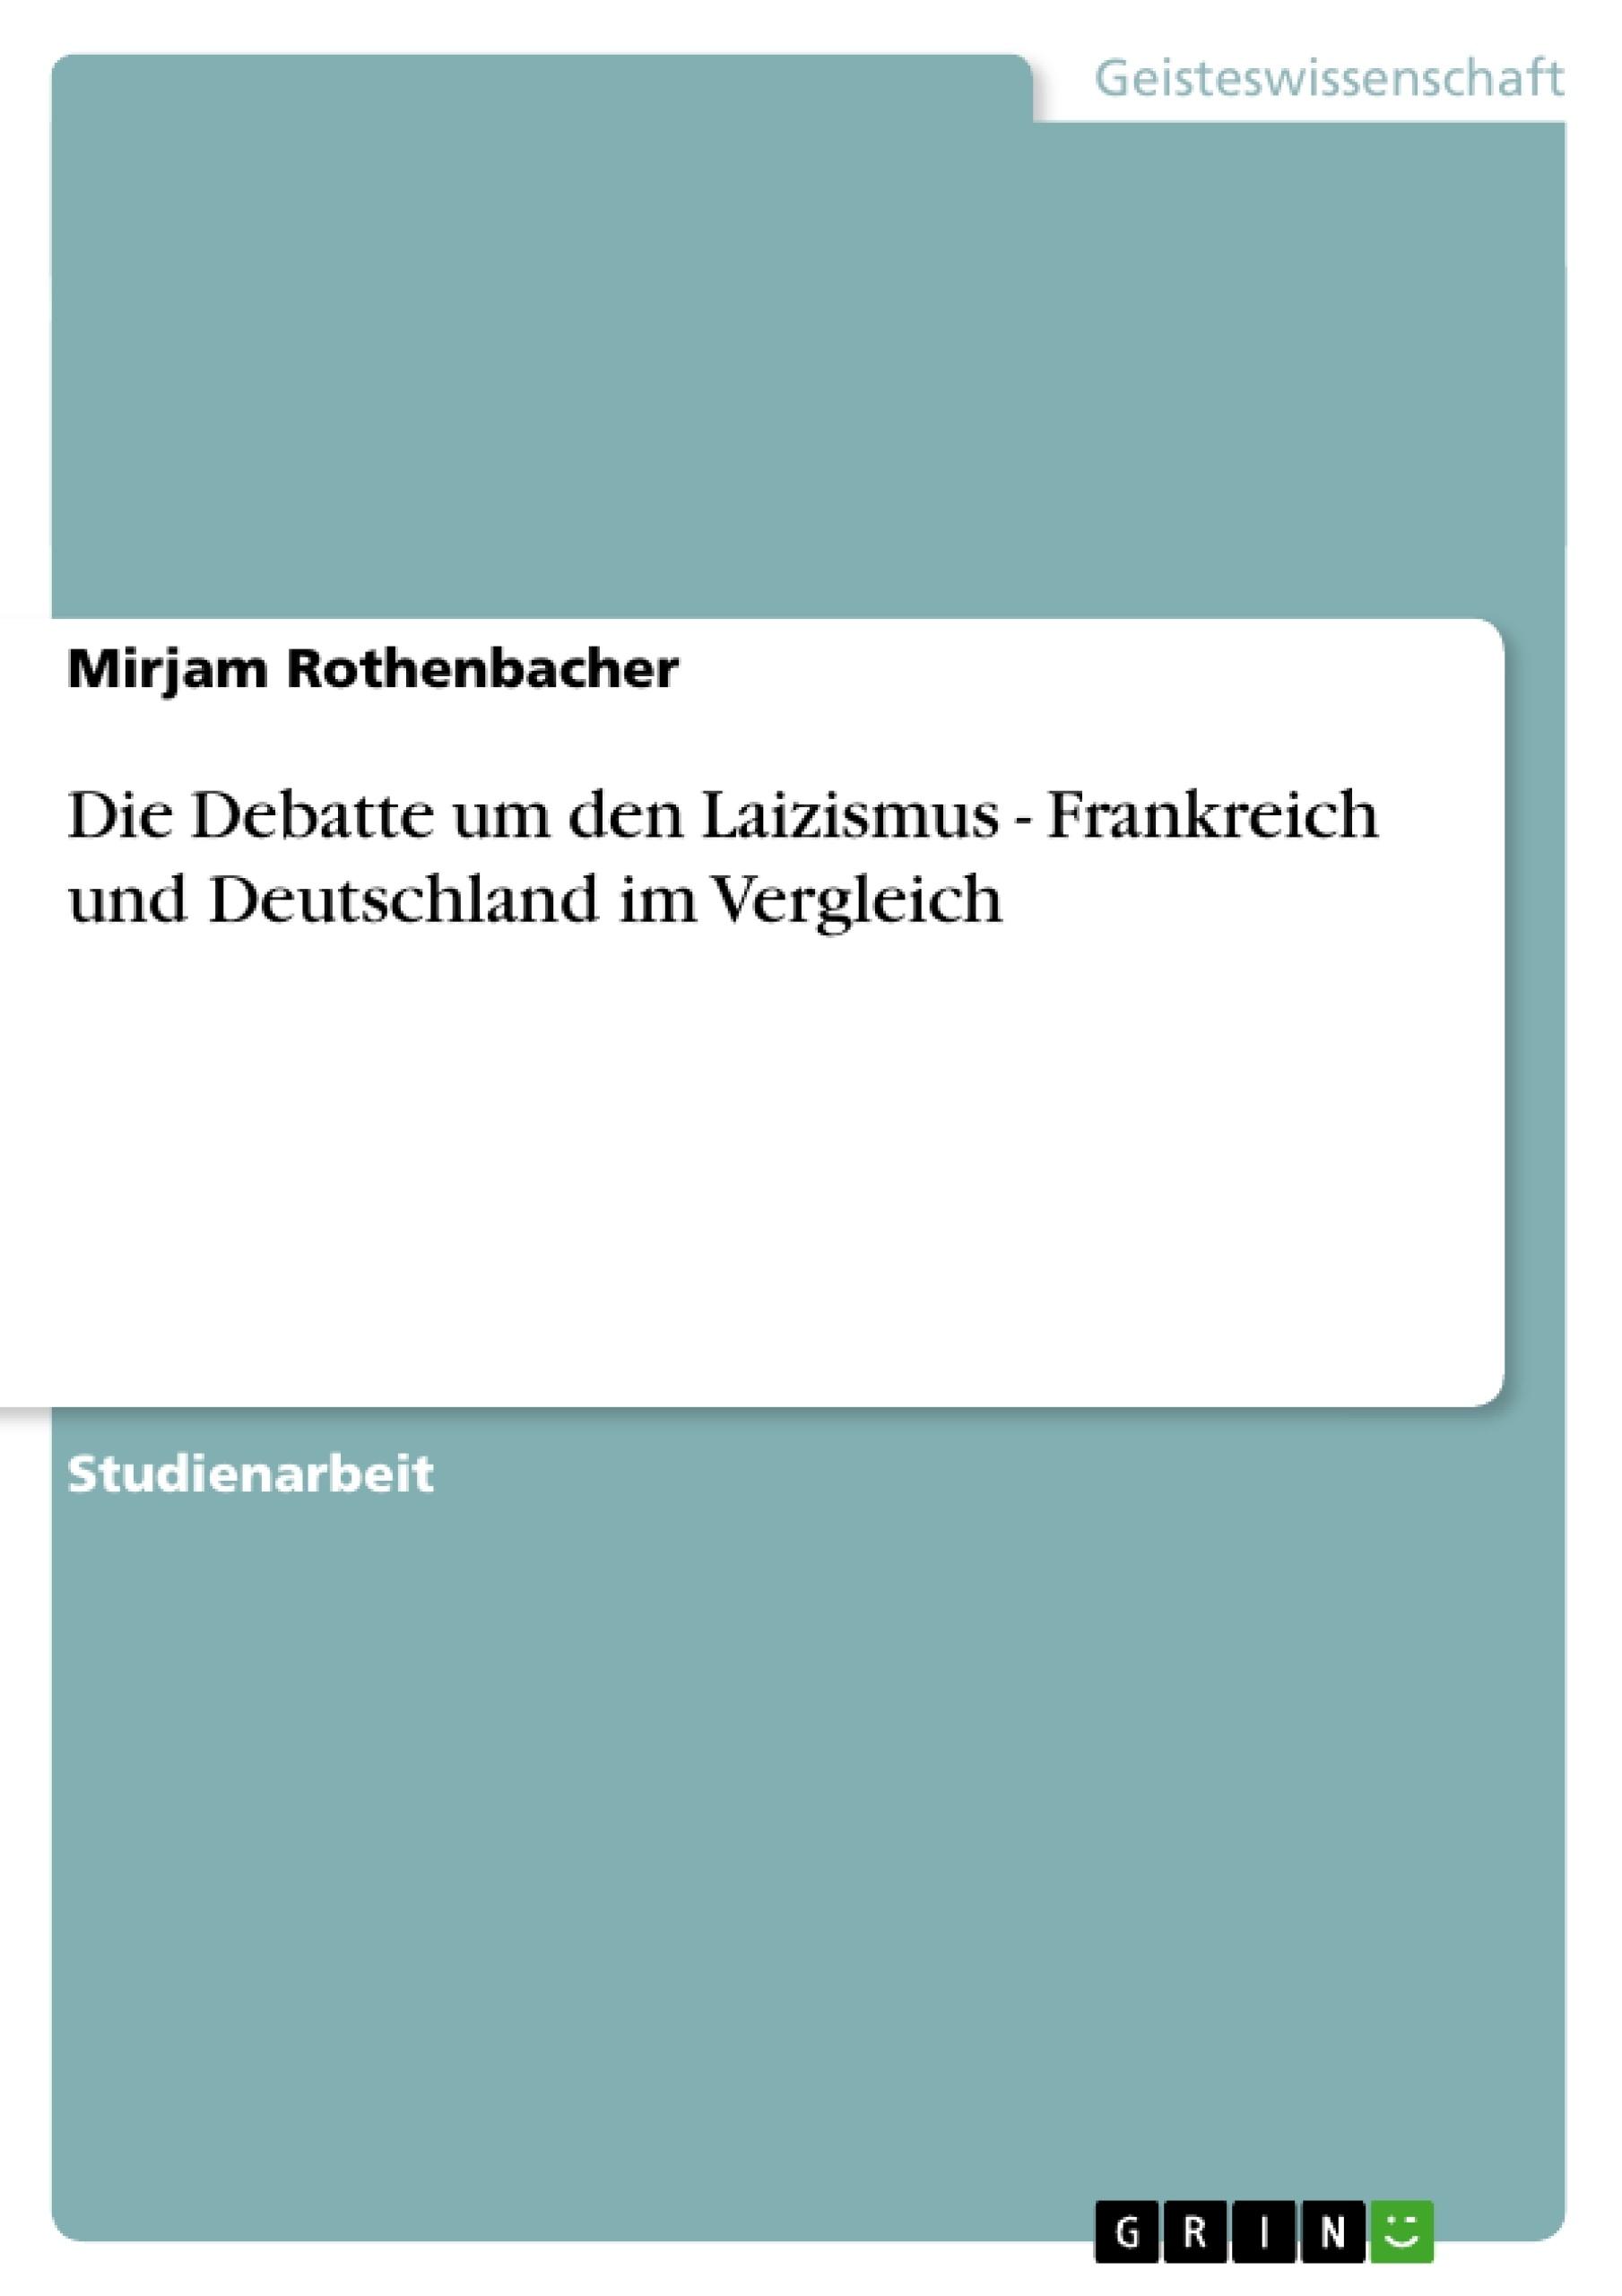 Titel: Die Debatte um den Laizismus - Frankreich und Deutschland im Vergleich